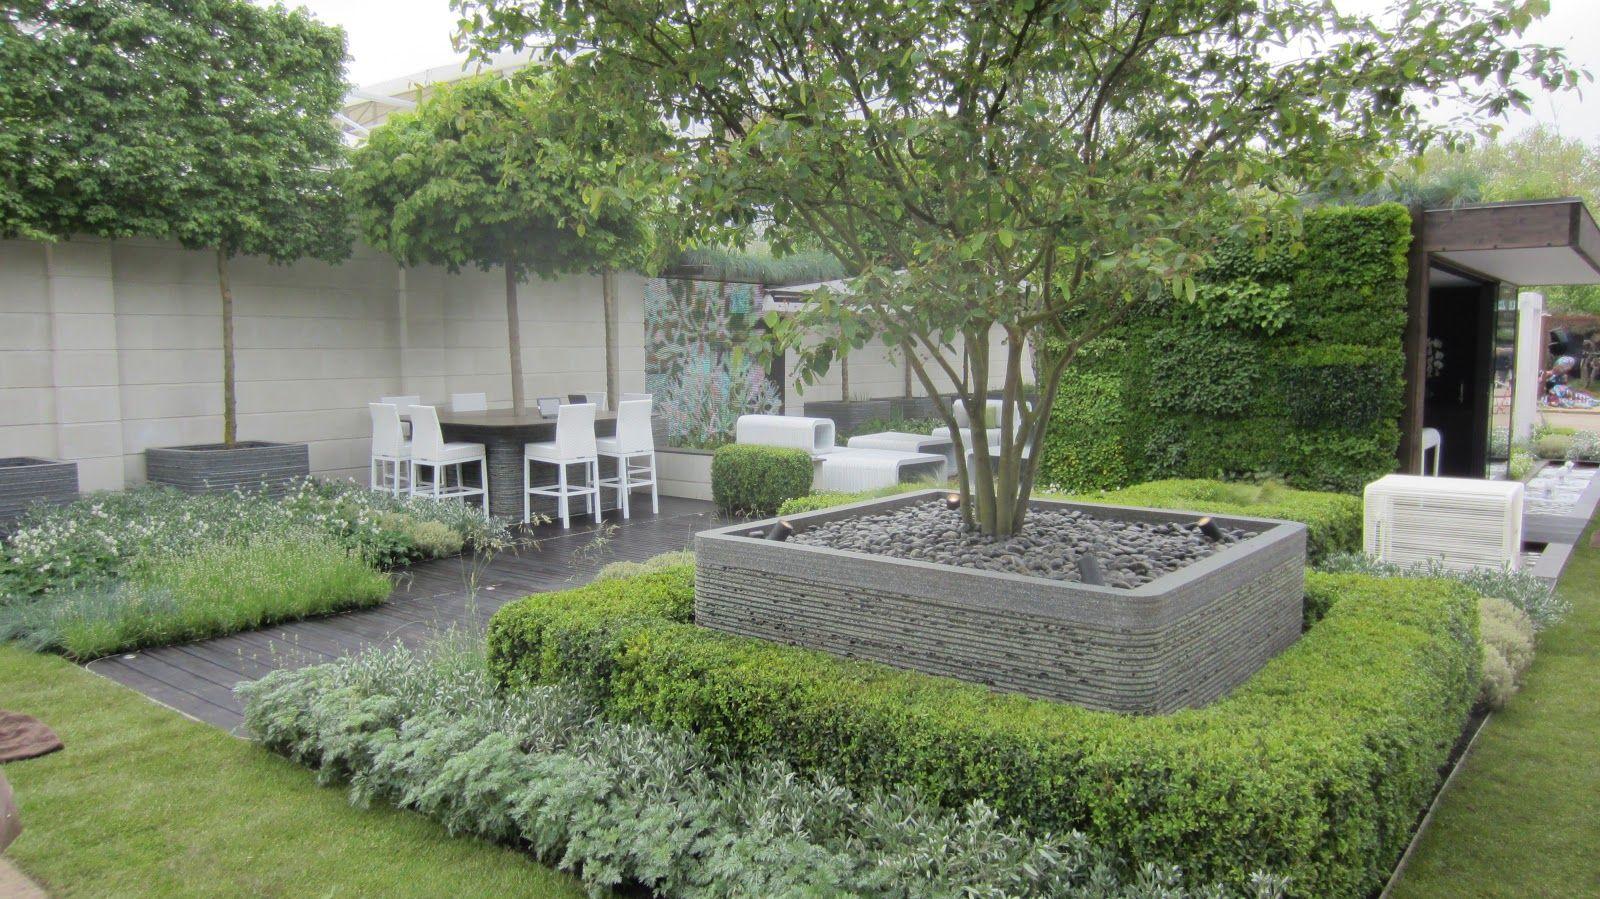 john brookes garden design buscar con google - Garden Design John Brookes